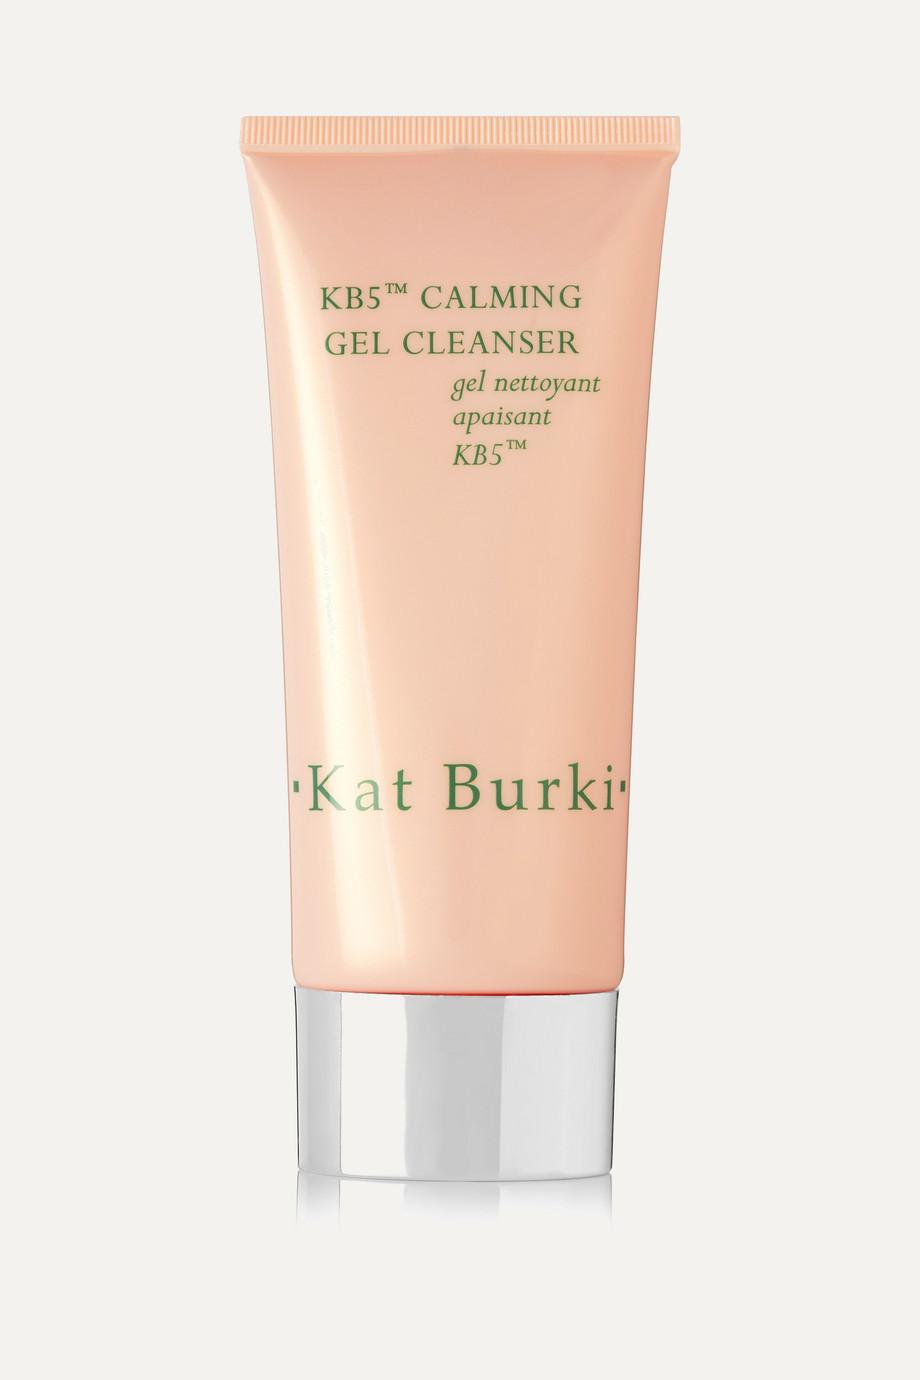 Kat Burki KB5 Calming Gel Cleanser, 130ml